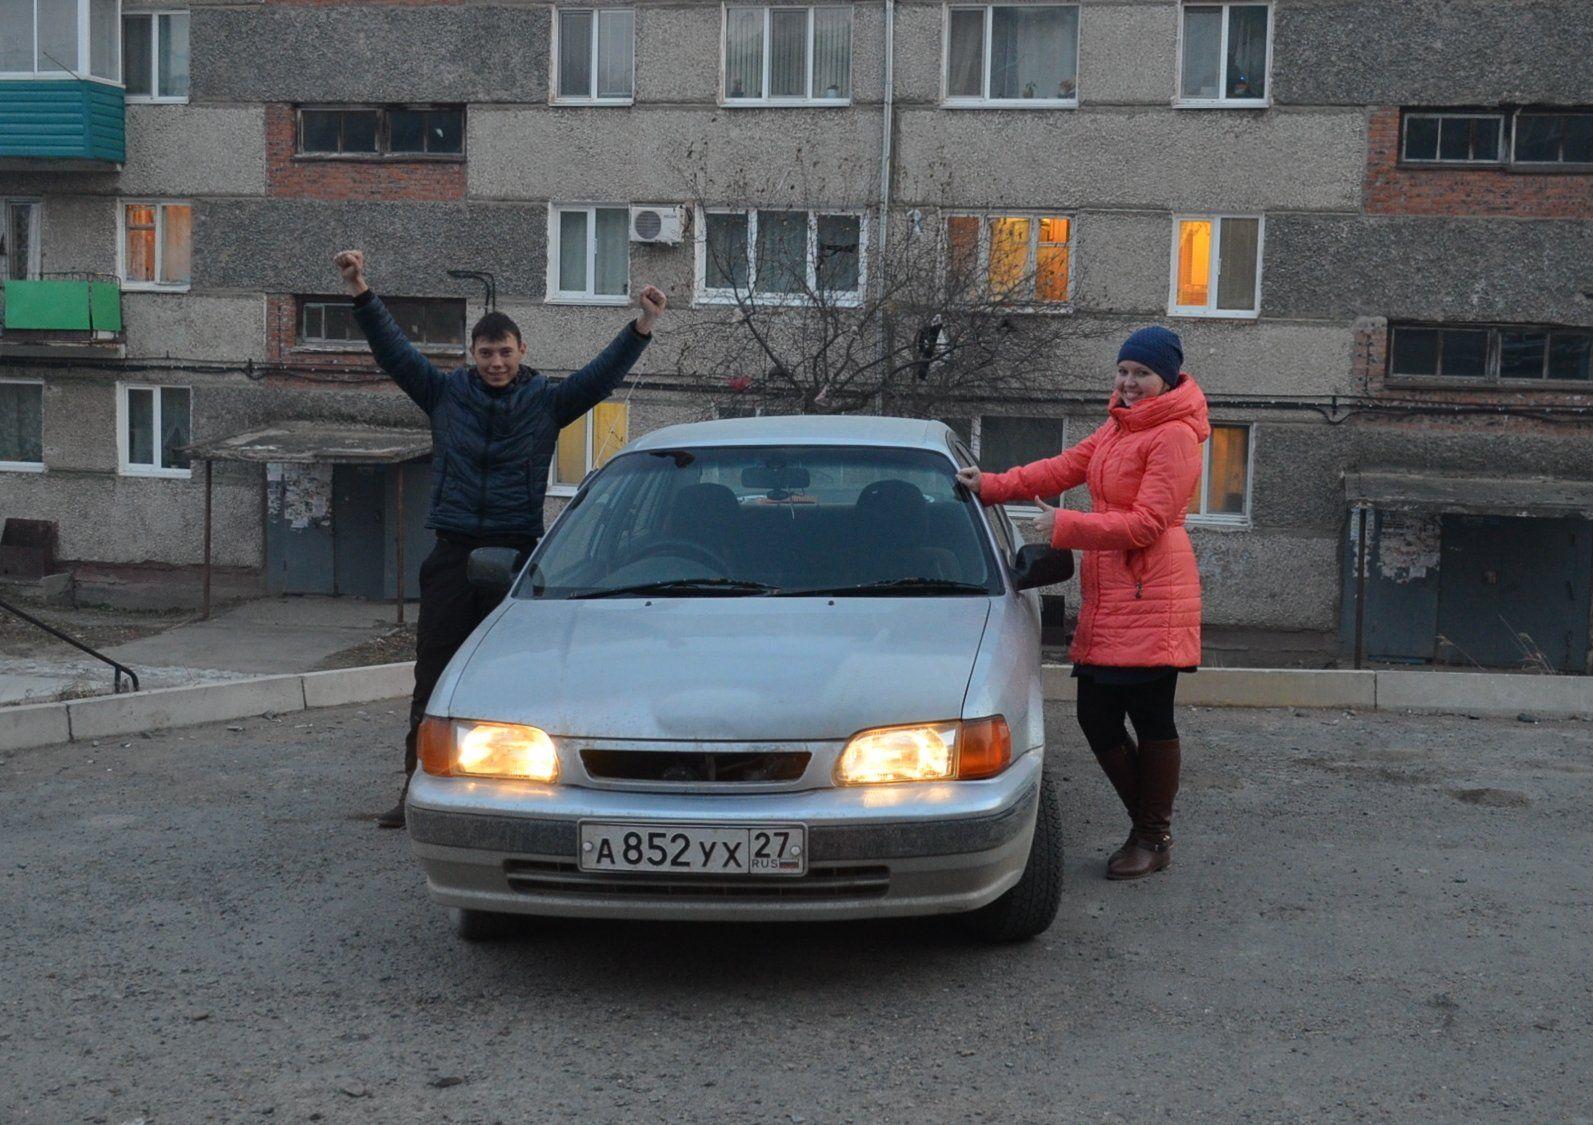 «Ништяк»: житель Хабаровского края выручил млн рублей за старенький автомобиль